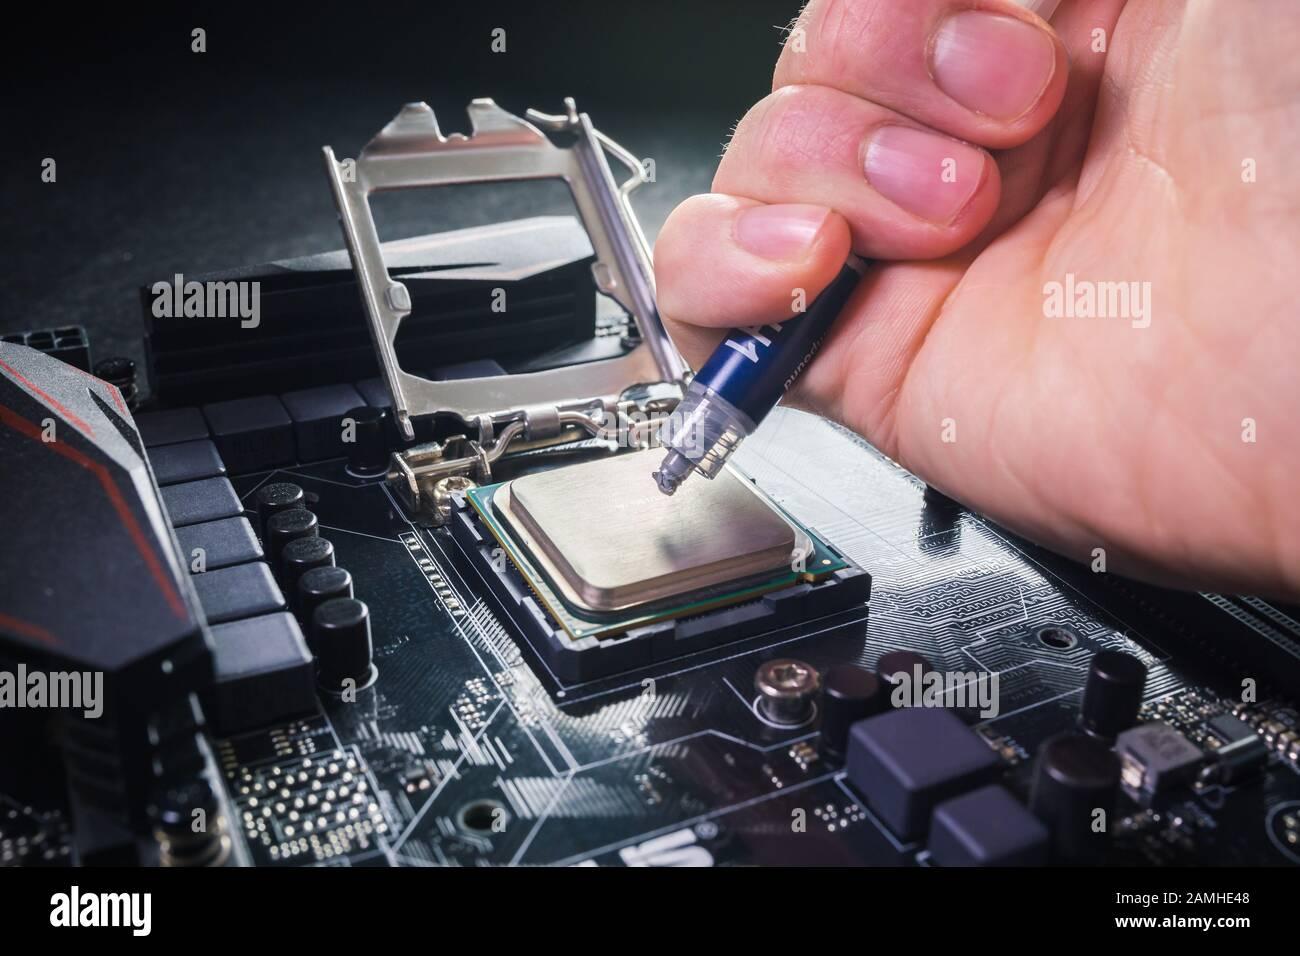 Gros plan jusqu'à ce que le technicien appuie ou application du composé de pâte thermique sur le dessus de la cpu principale dans le support. Concept de réparation ou de mise à niveau Banque D'Images